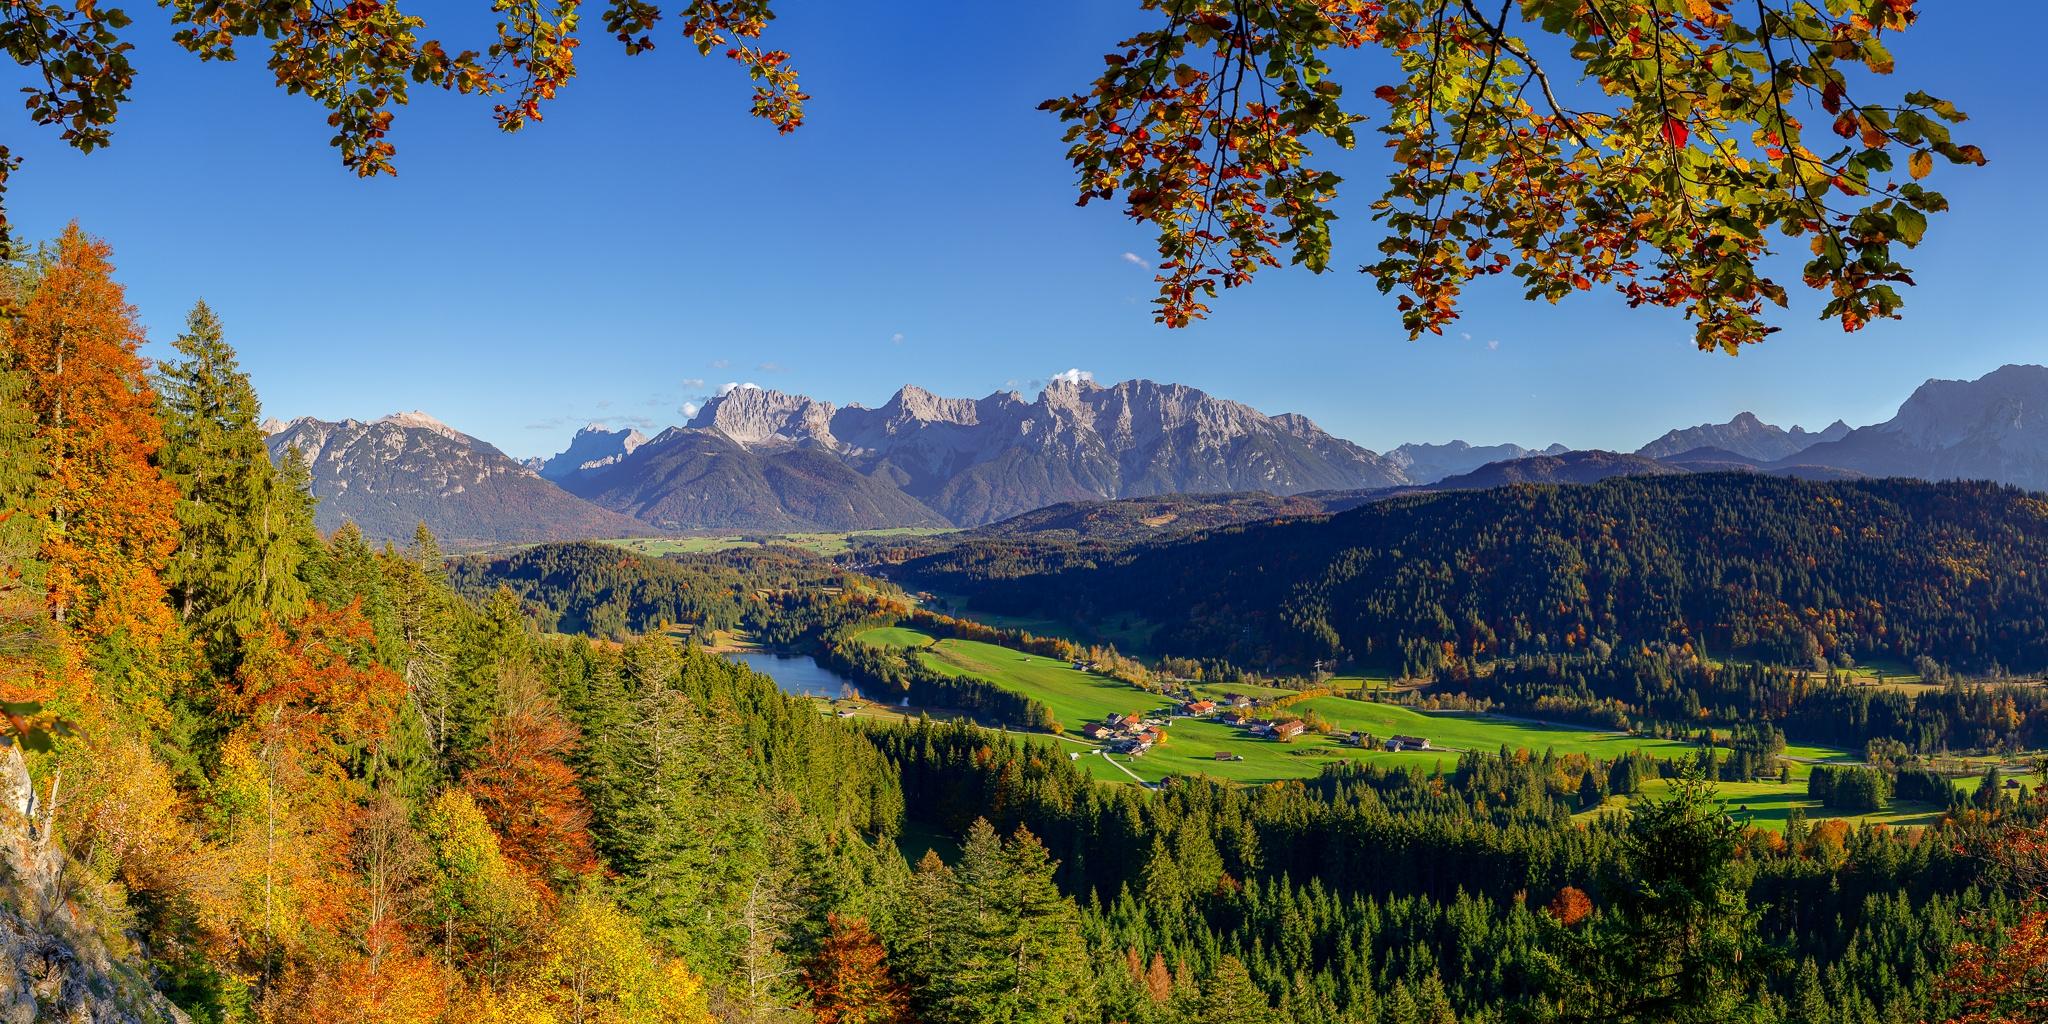 Bergblick auf den Geroldsee, Gerold und das Karwendelgebirge im Herbst, Landschaft in den bayerischen Bergen Alpen Alpenwelt Karwendel